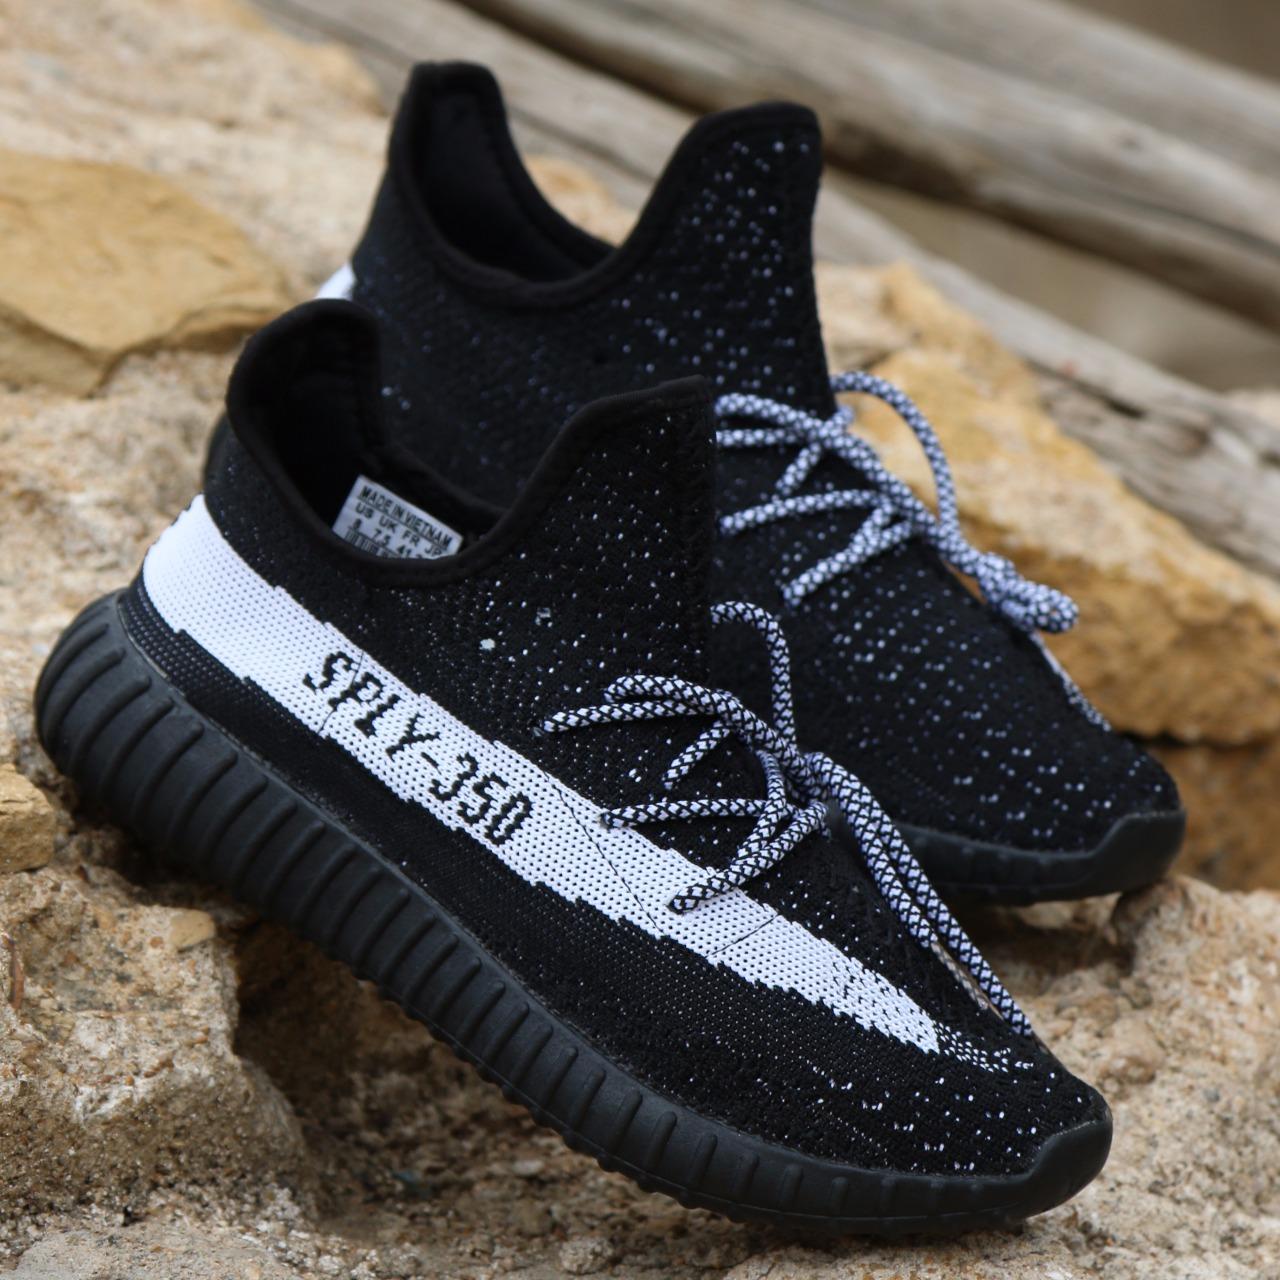 sports shoes 4402c dd403 Sply YEEZY BOOST 350 V2 BLACK/WHITE